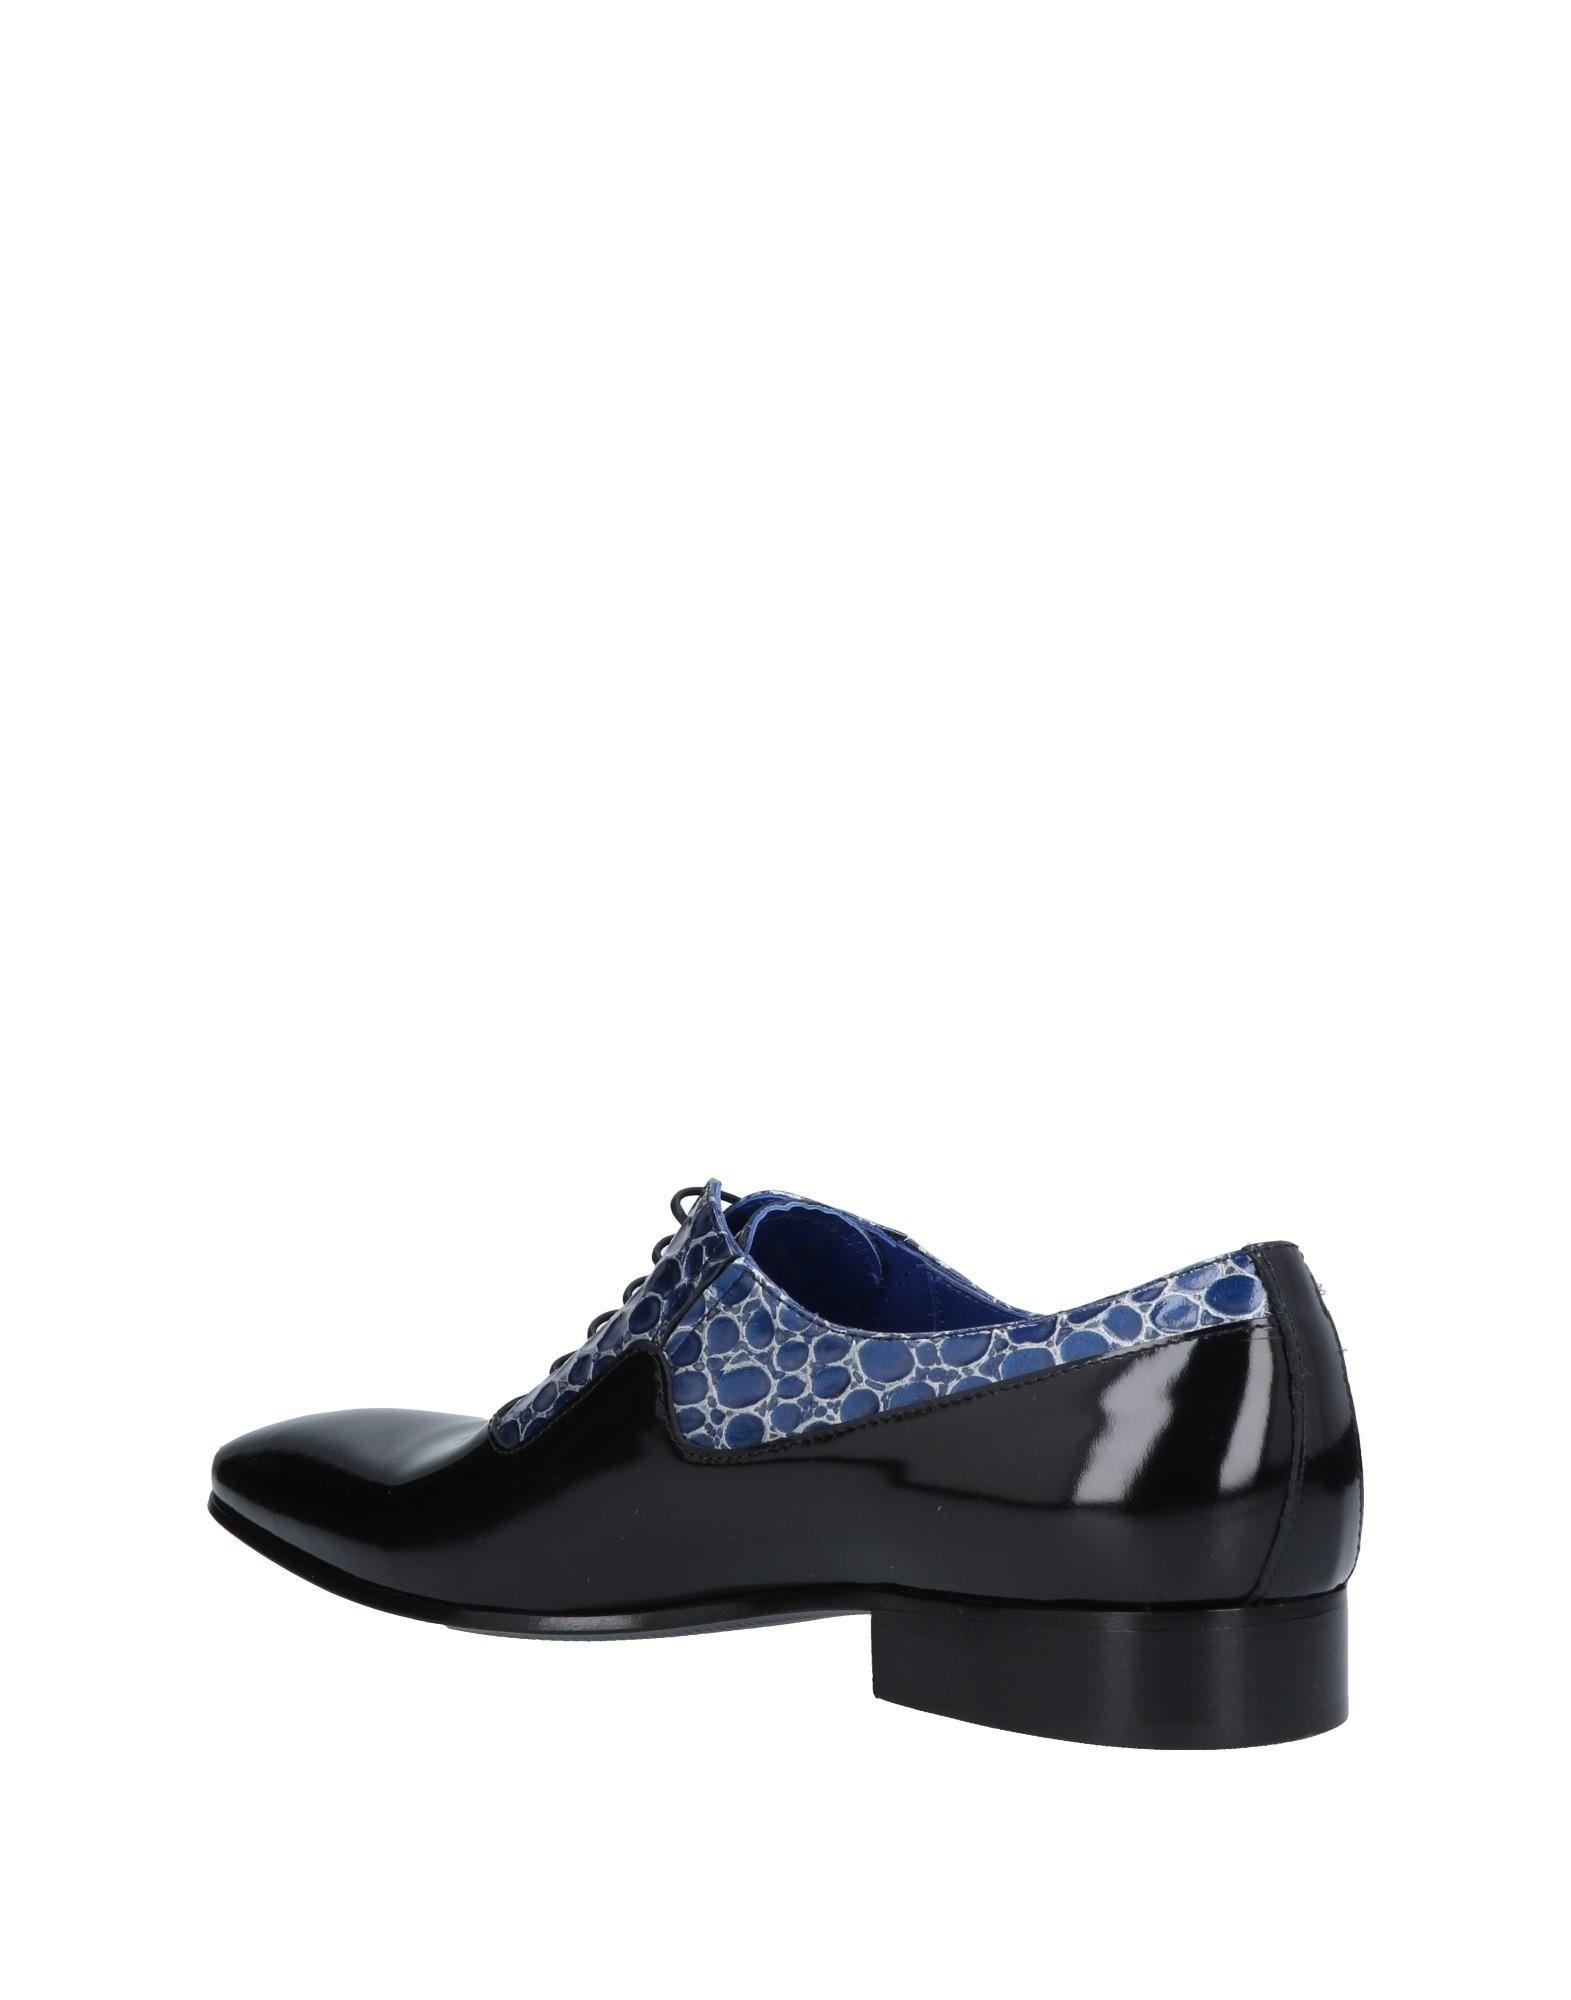 Giovanni Conti Schnürschuhe Herren  11432052XR Gute Qualität beliebte Schuhe